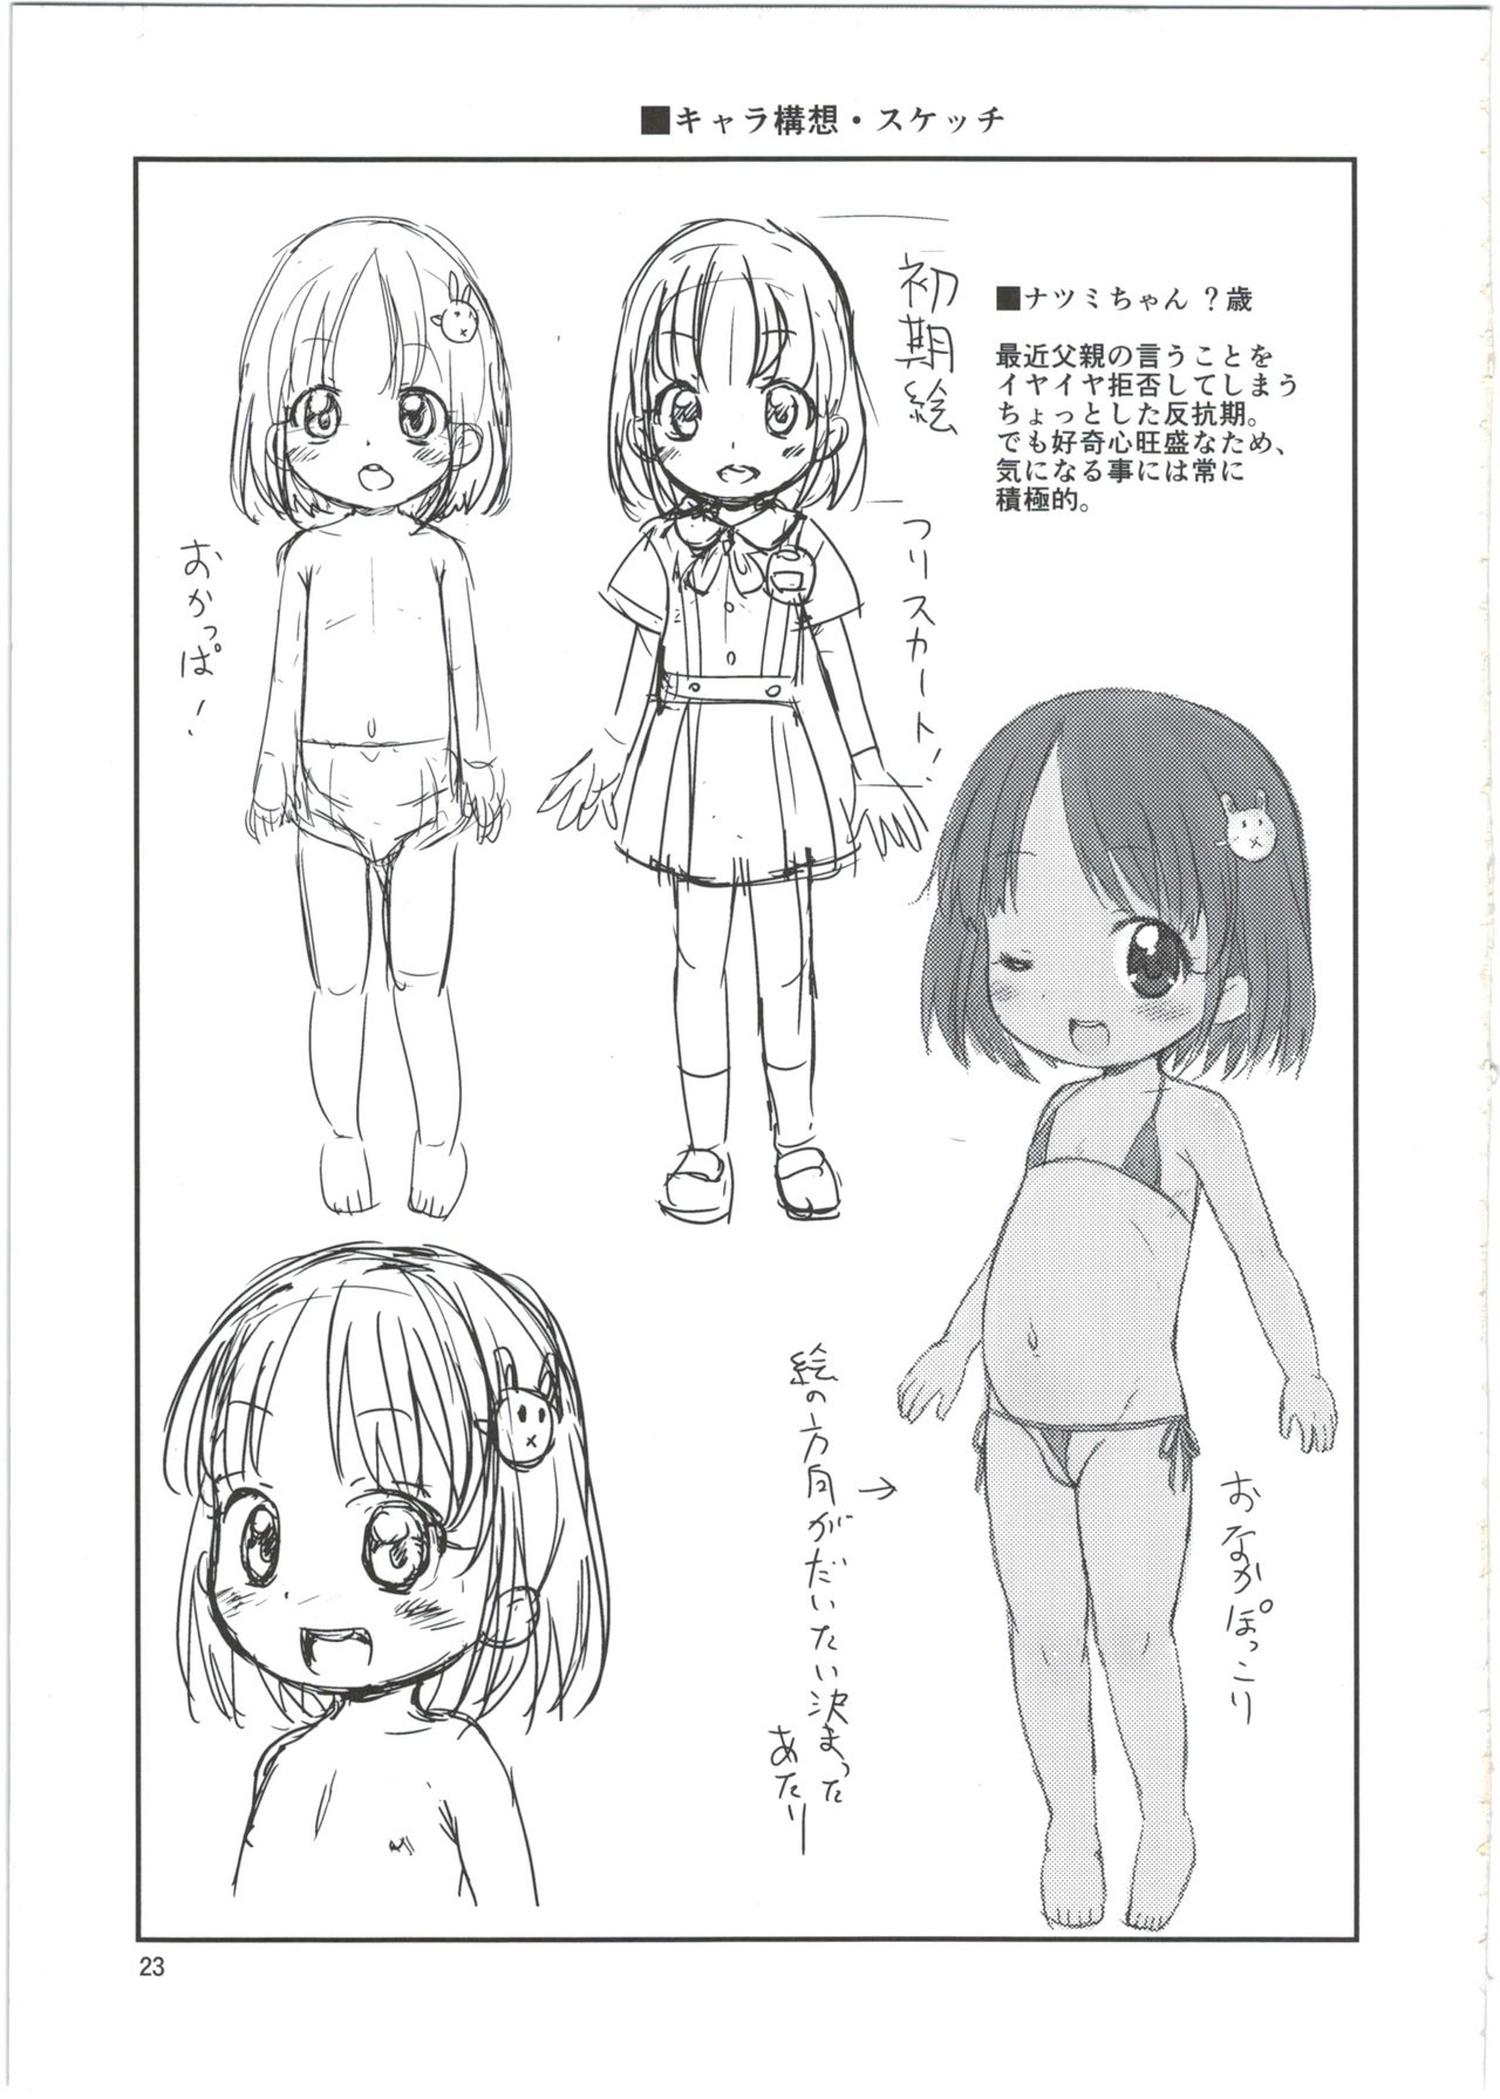 【エロ漫画・エロ同人誌】ロリ幼女な娘がパパのちんこが気持ち悪いって言うから特訓したったwww (22)